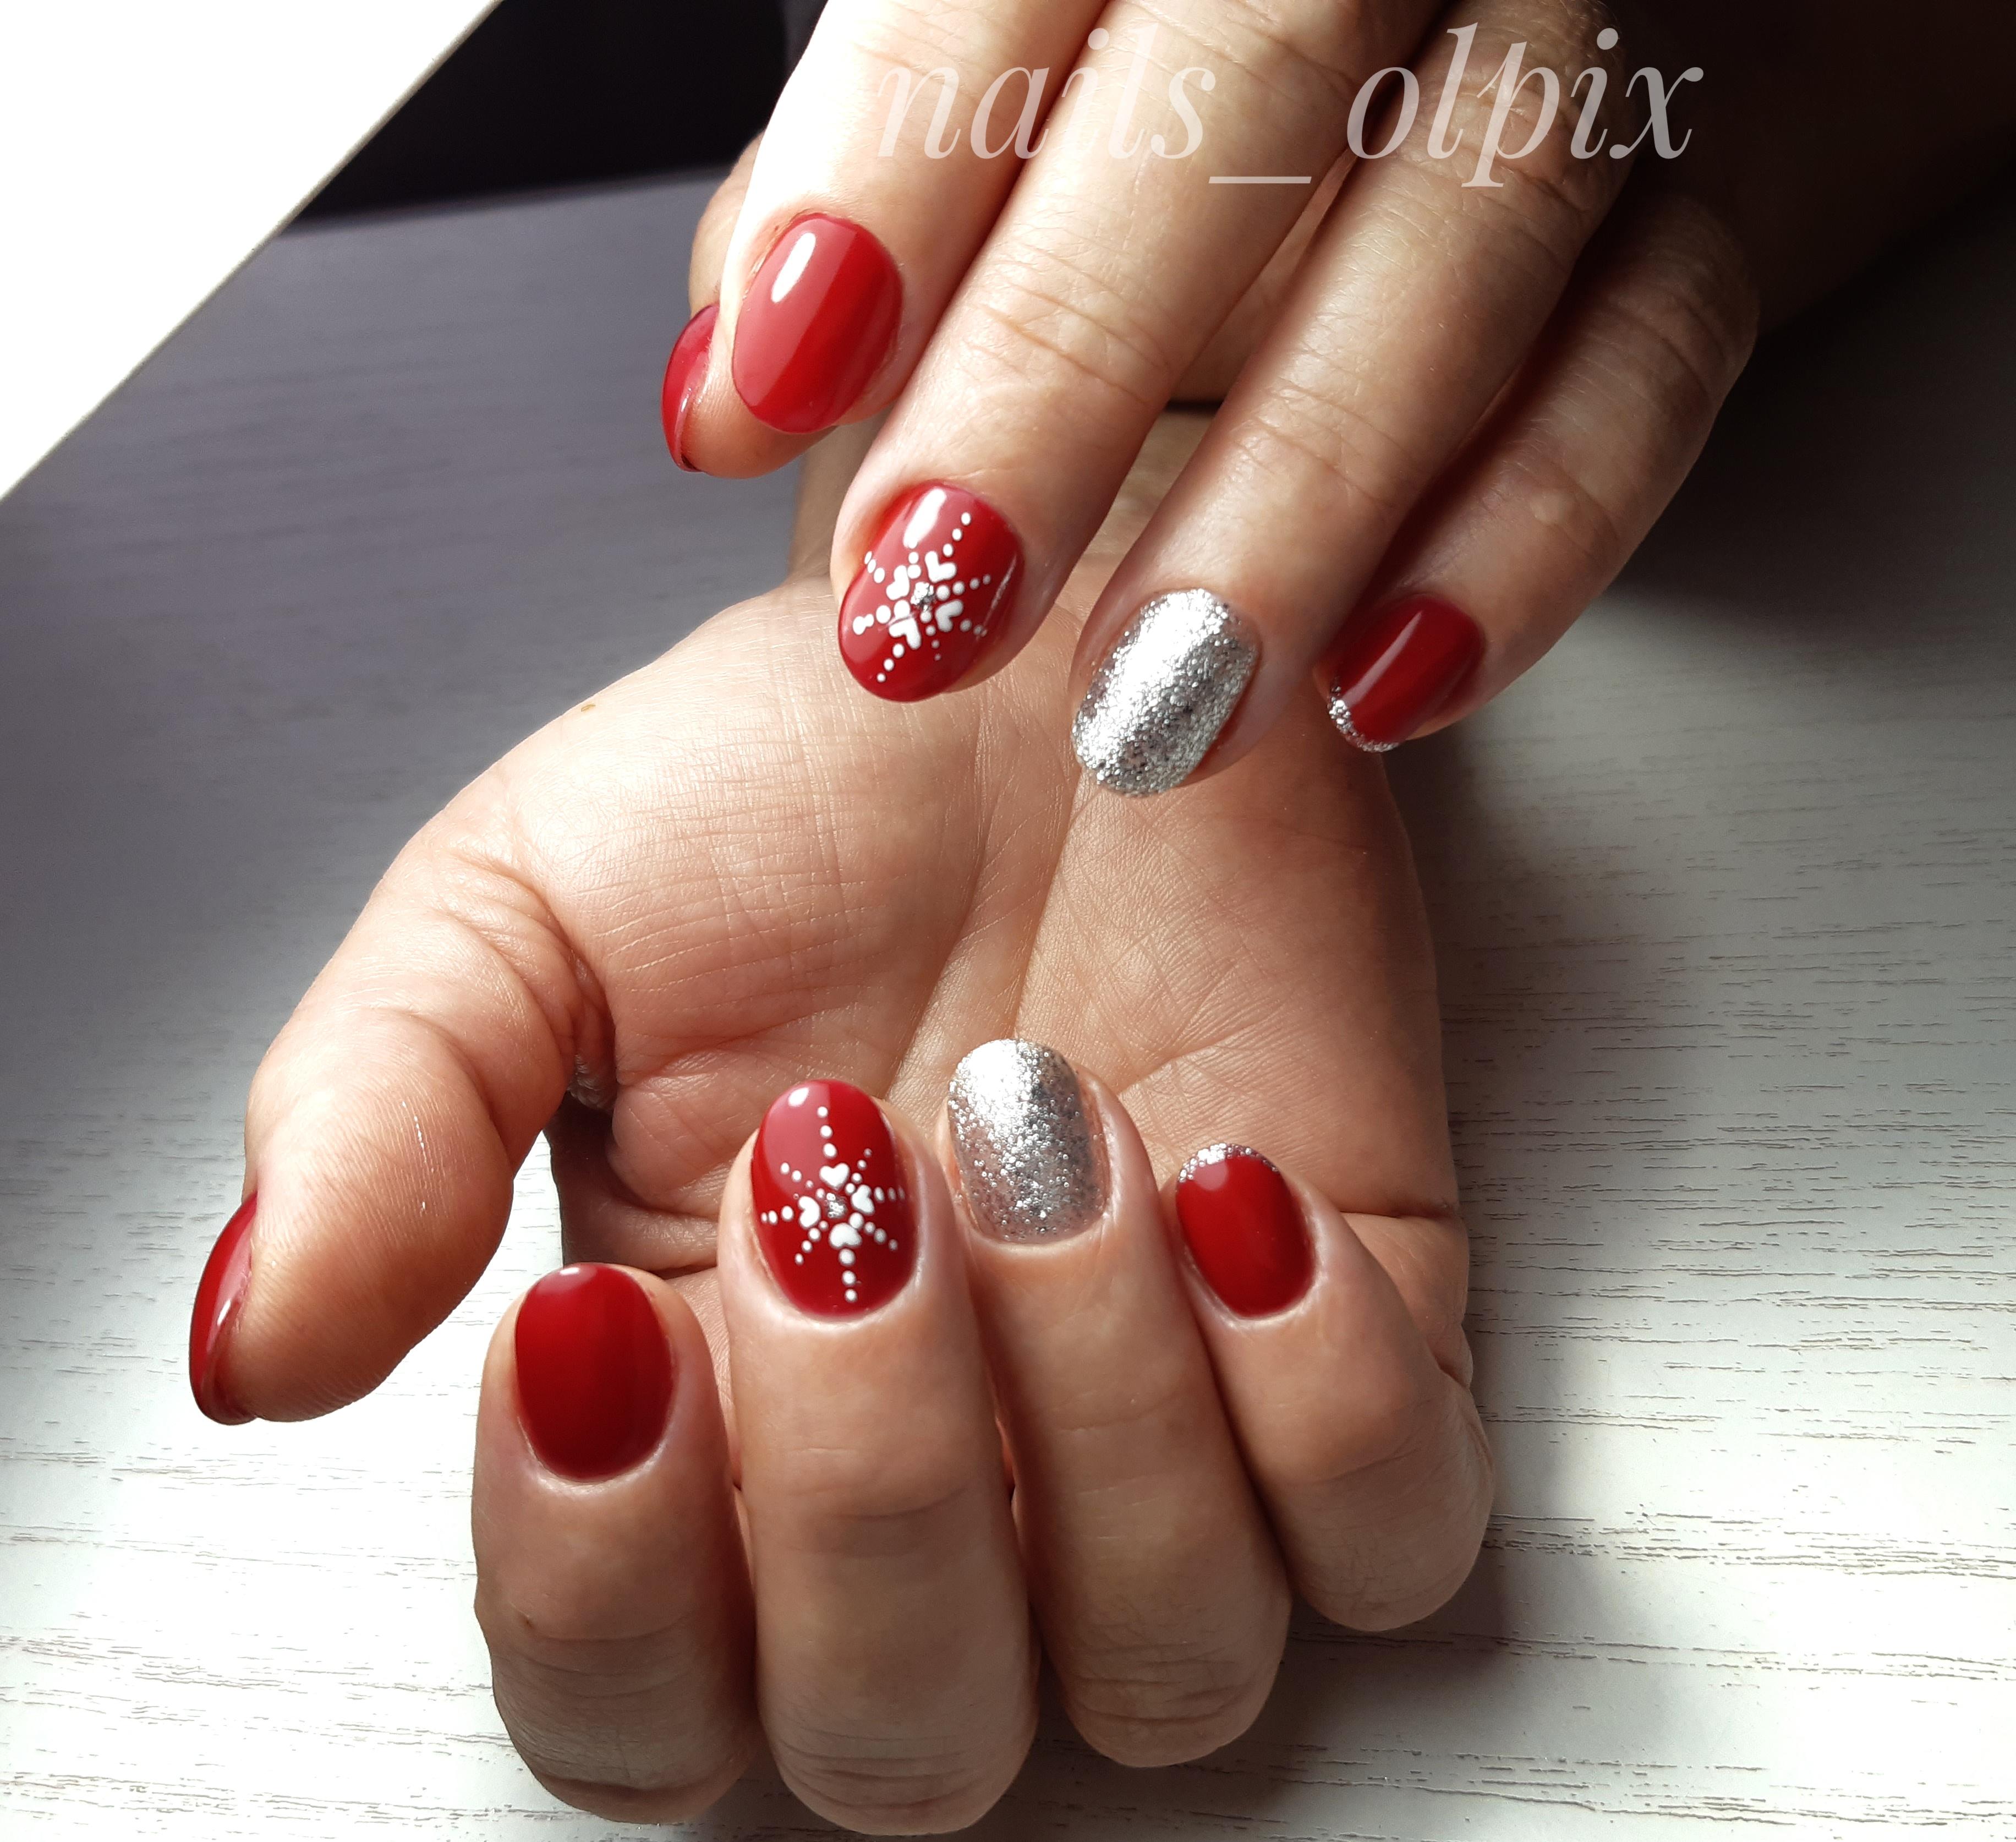 Маникюр в красном цвете со слайдерами и серебряными блёстками.